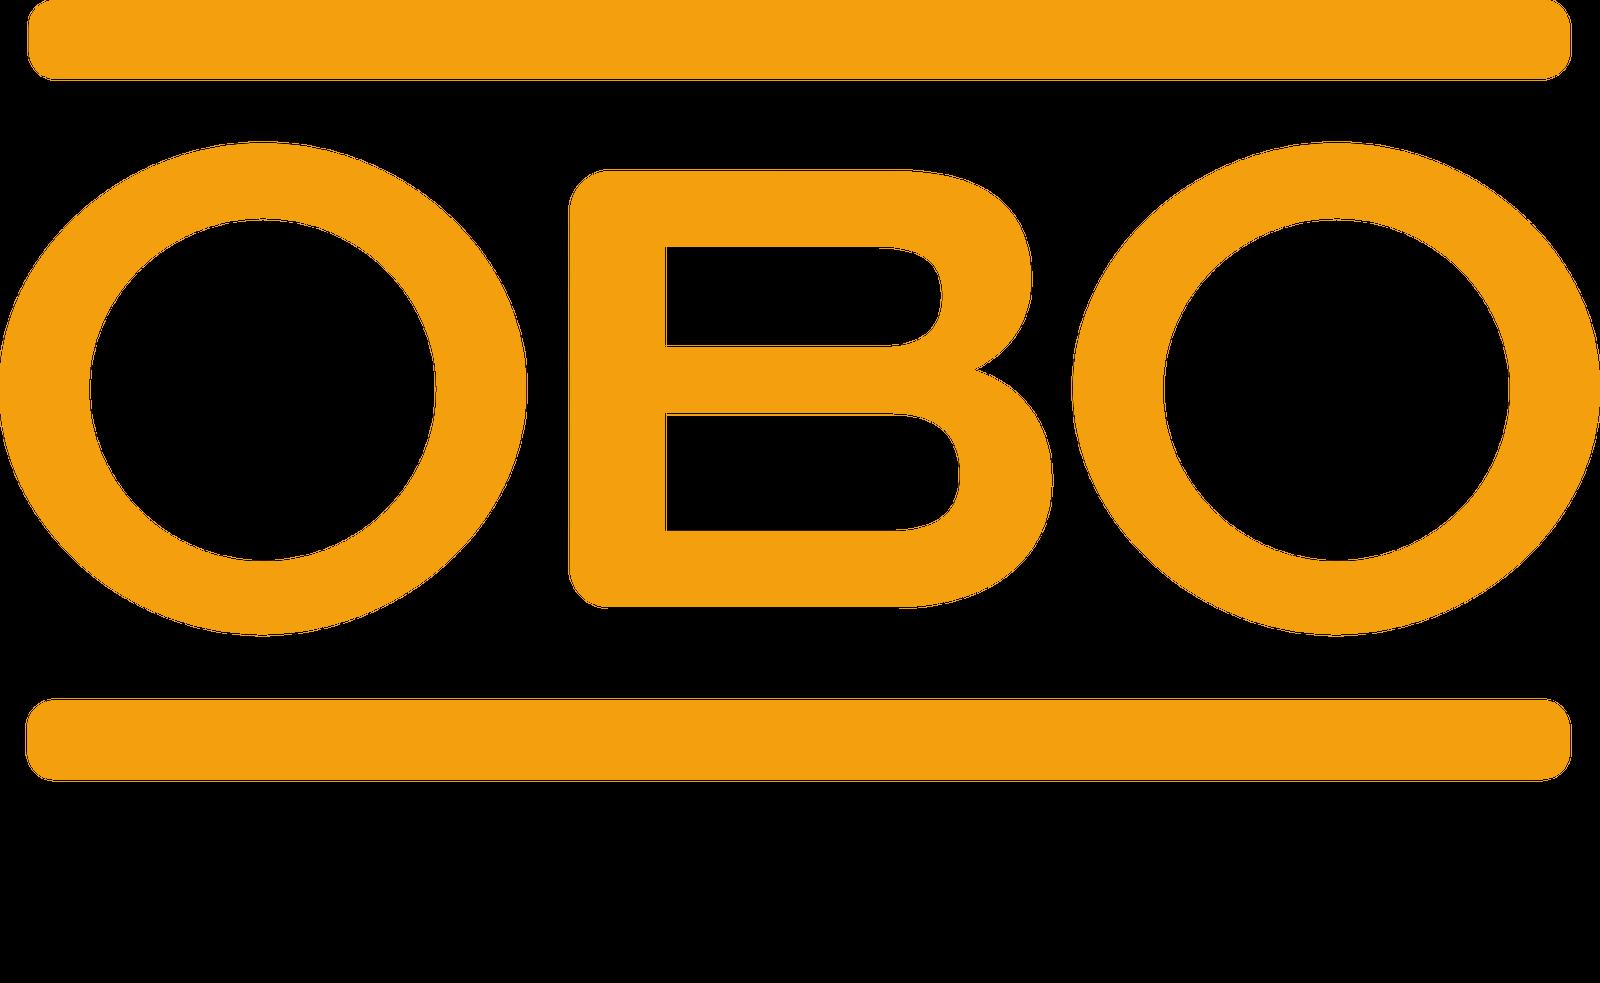 OBO Bettermann Überspannungsschutzgerät VG-BC DCPH900-31 Energietechnik 5088629 | Schenken Schenken Schenken Sie Ihrem Kind eine glückliche Kindheit  bea5ae